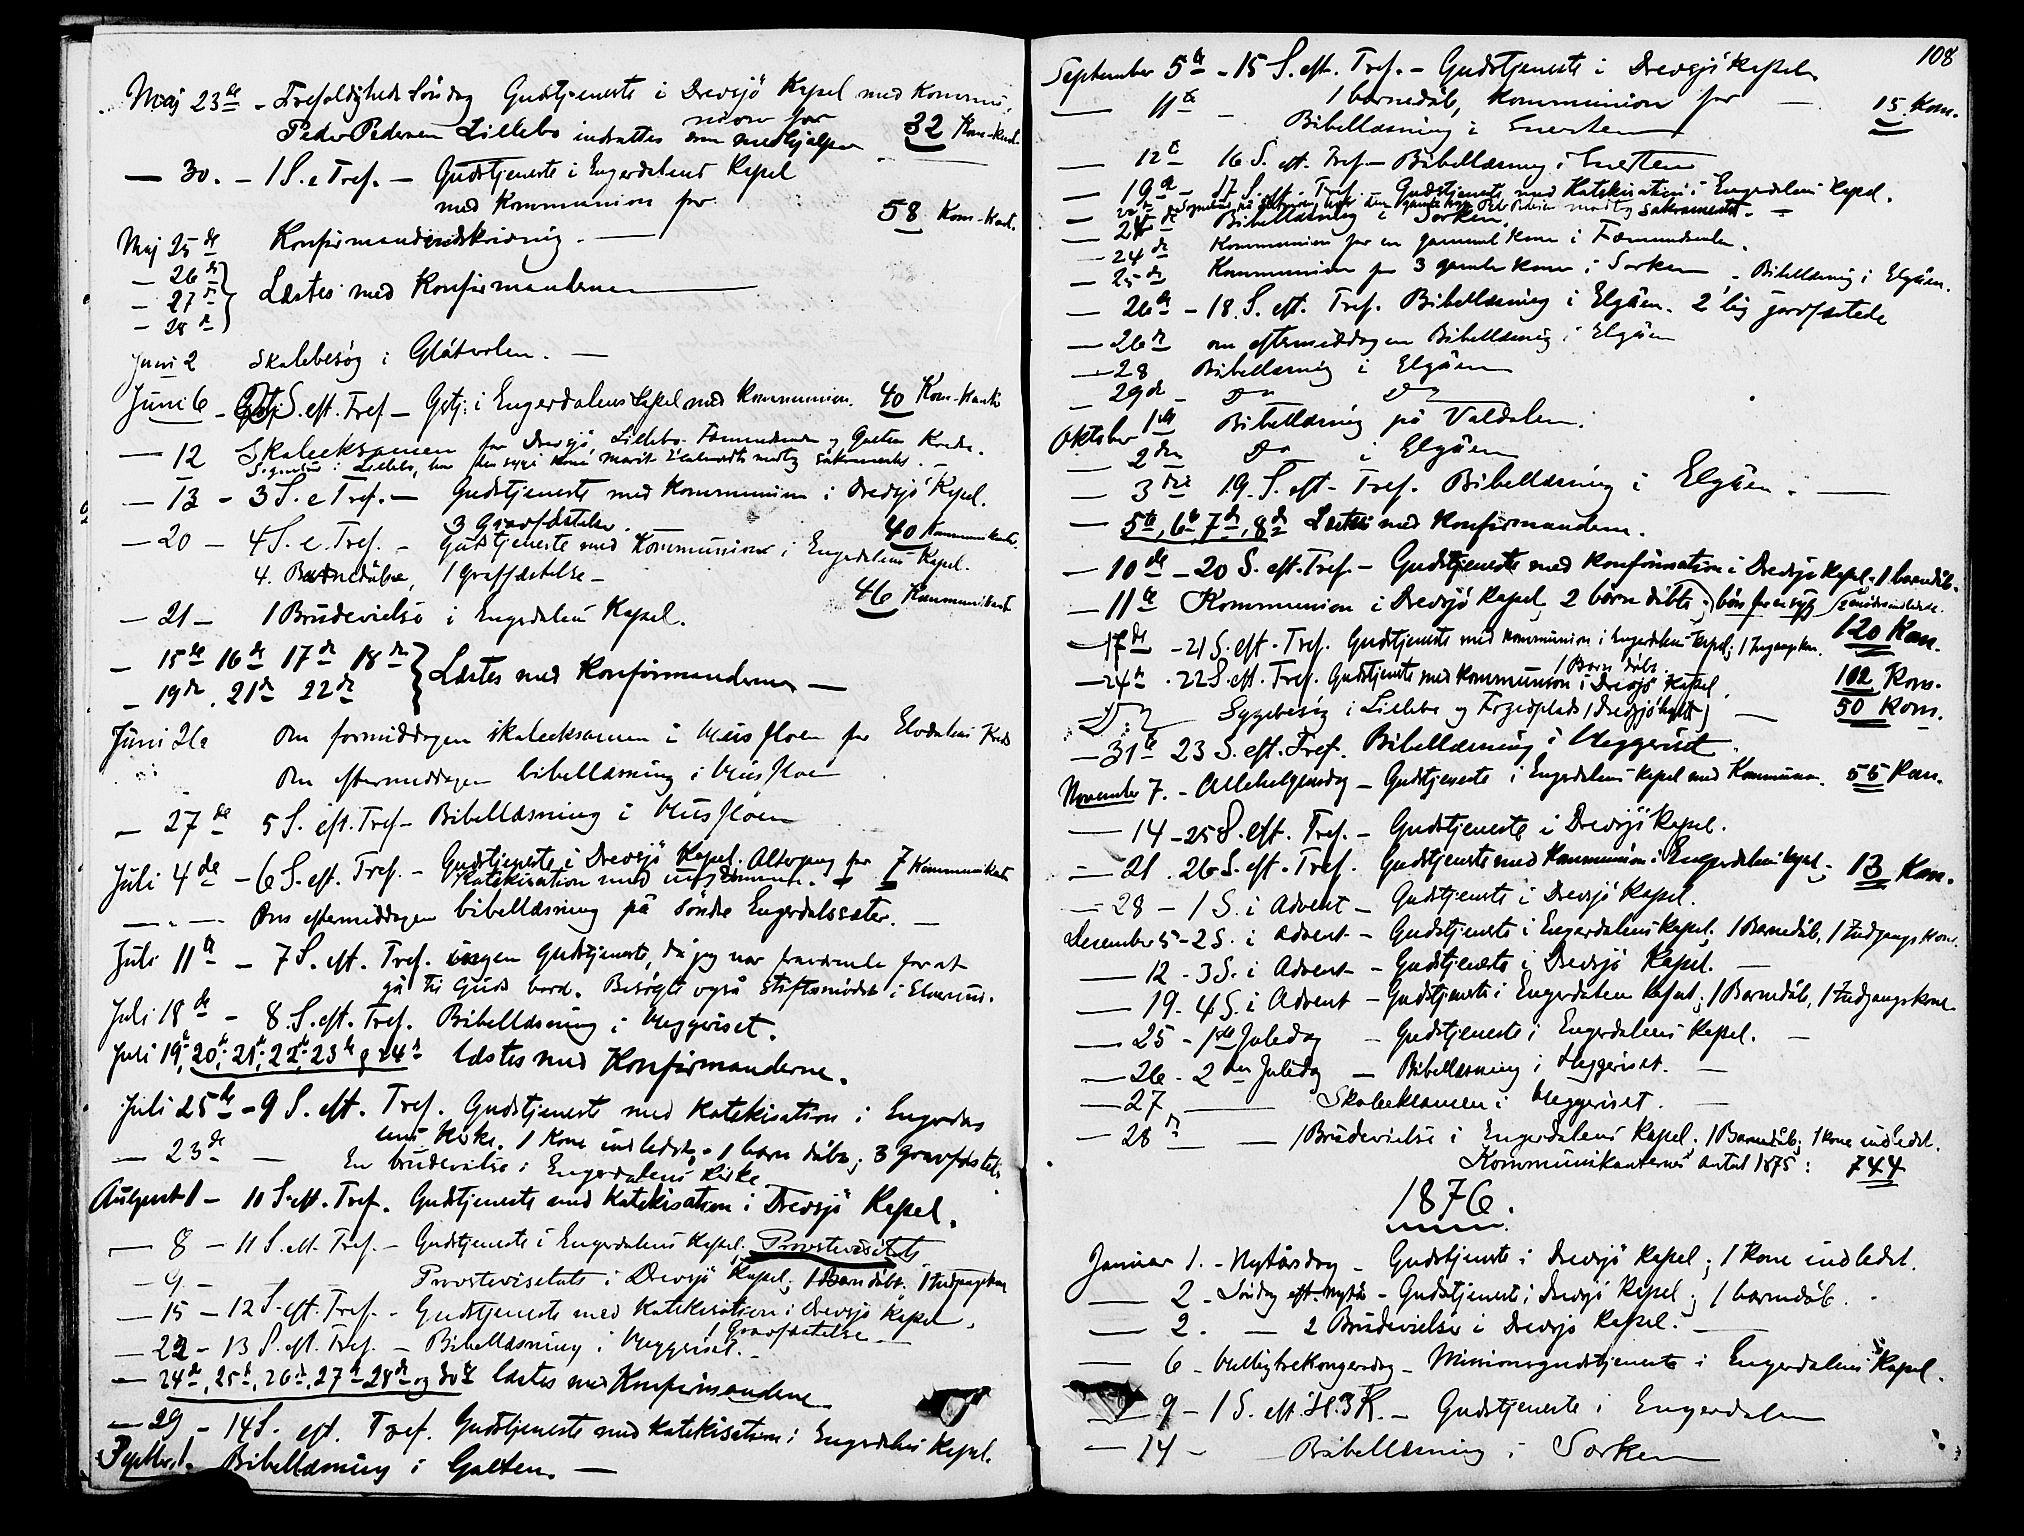 SAH, Rendalen prestekontor, H/Ha/Hab/L0002: Klokkerbok nr. 2, 1858-1880, s. 108